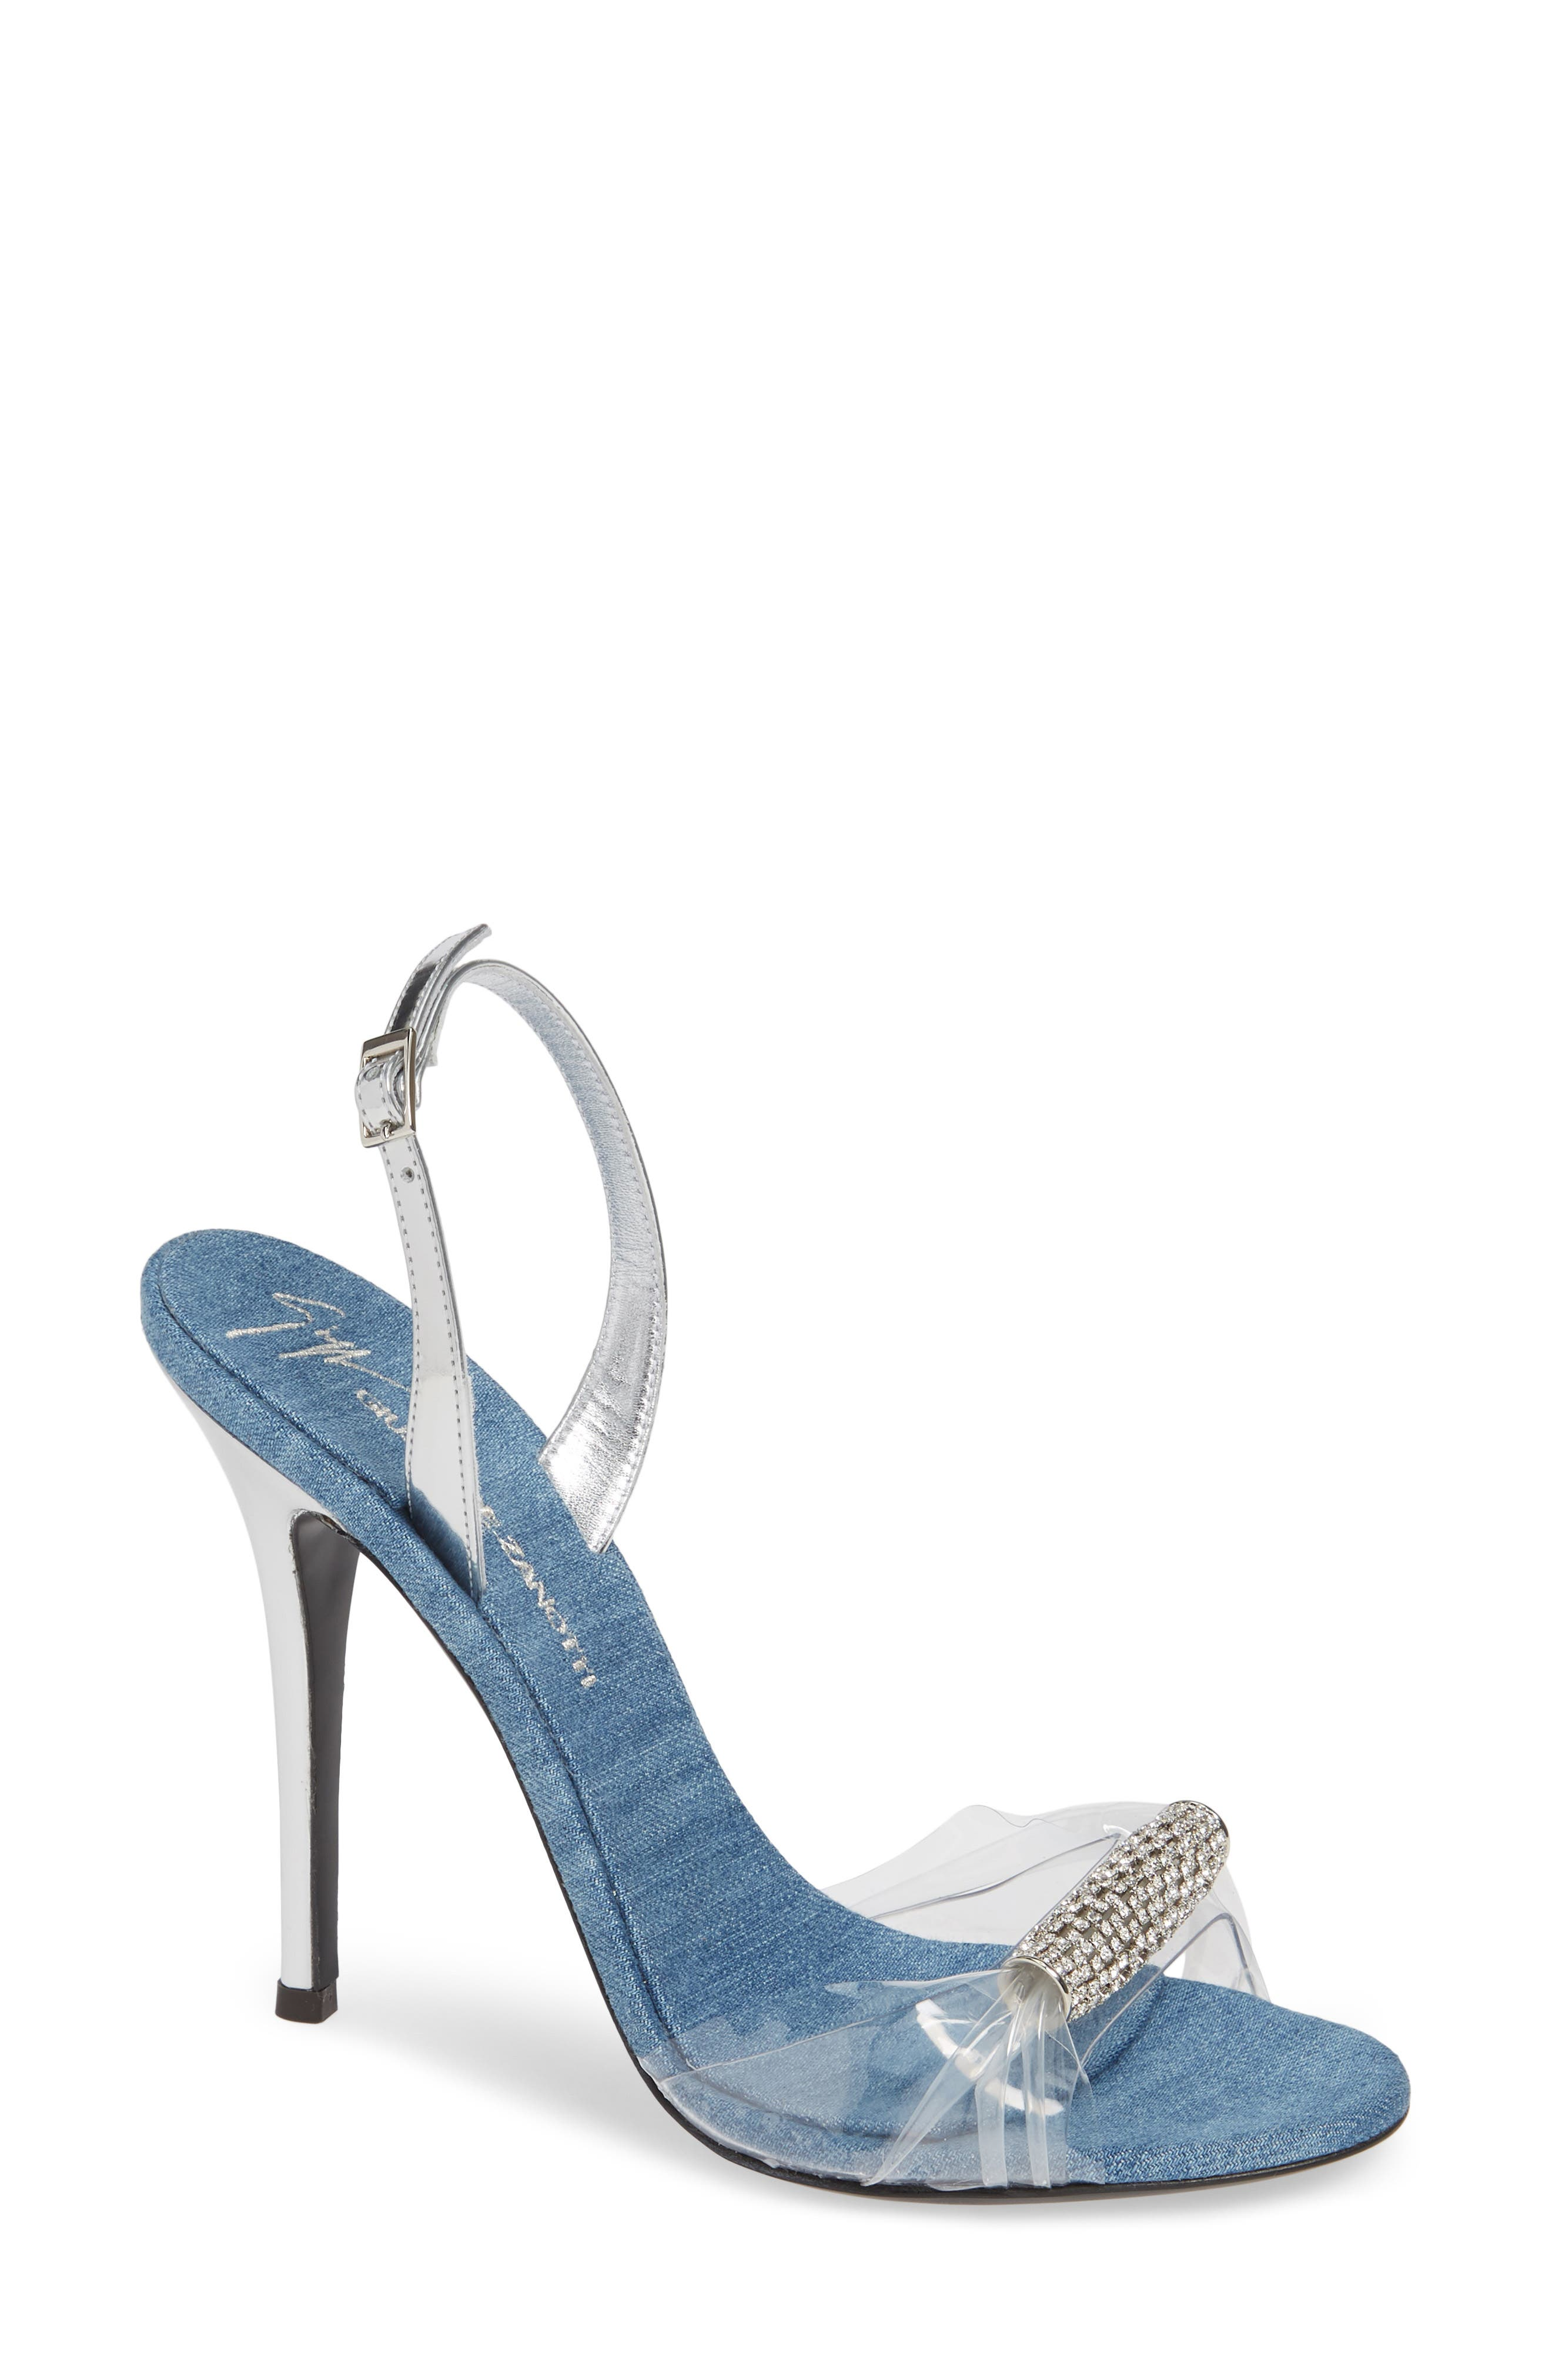 Crystal Embellished Sandal,                         Main,                         color, DENIM/ TRANSPARENT